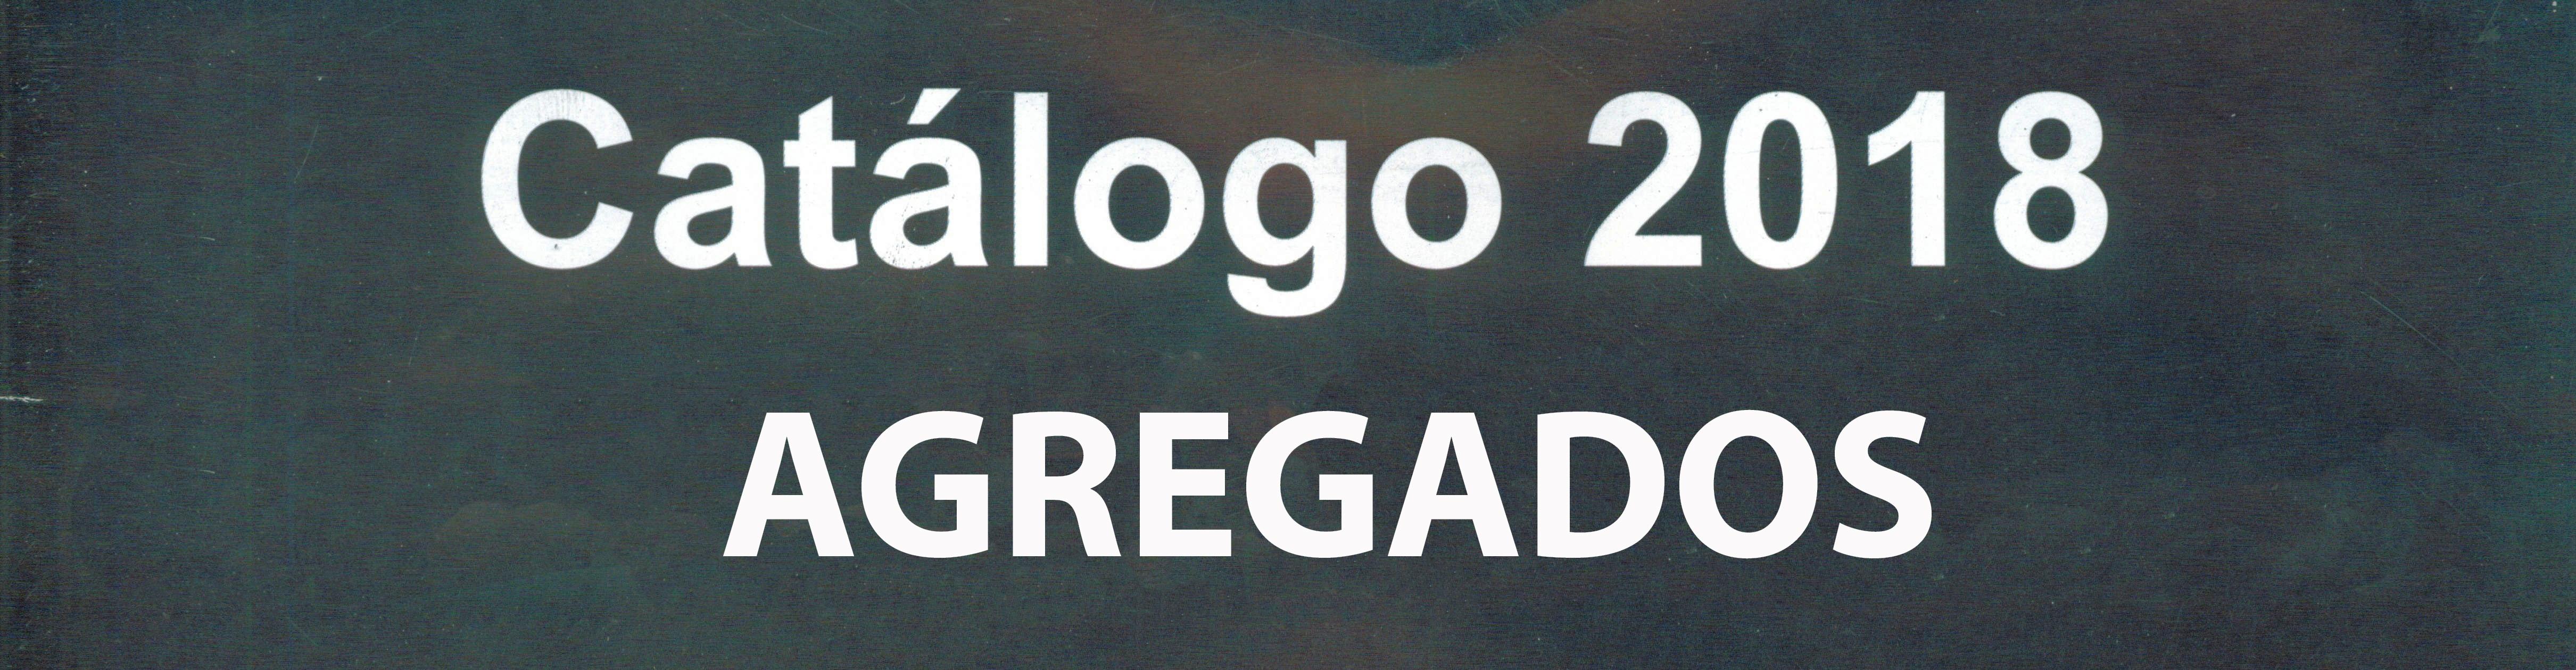 AGREGADOS CATALOGO 2018 (SETIEMBRE 2021)